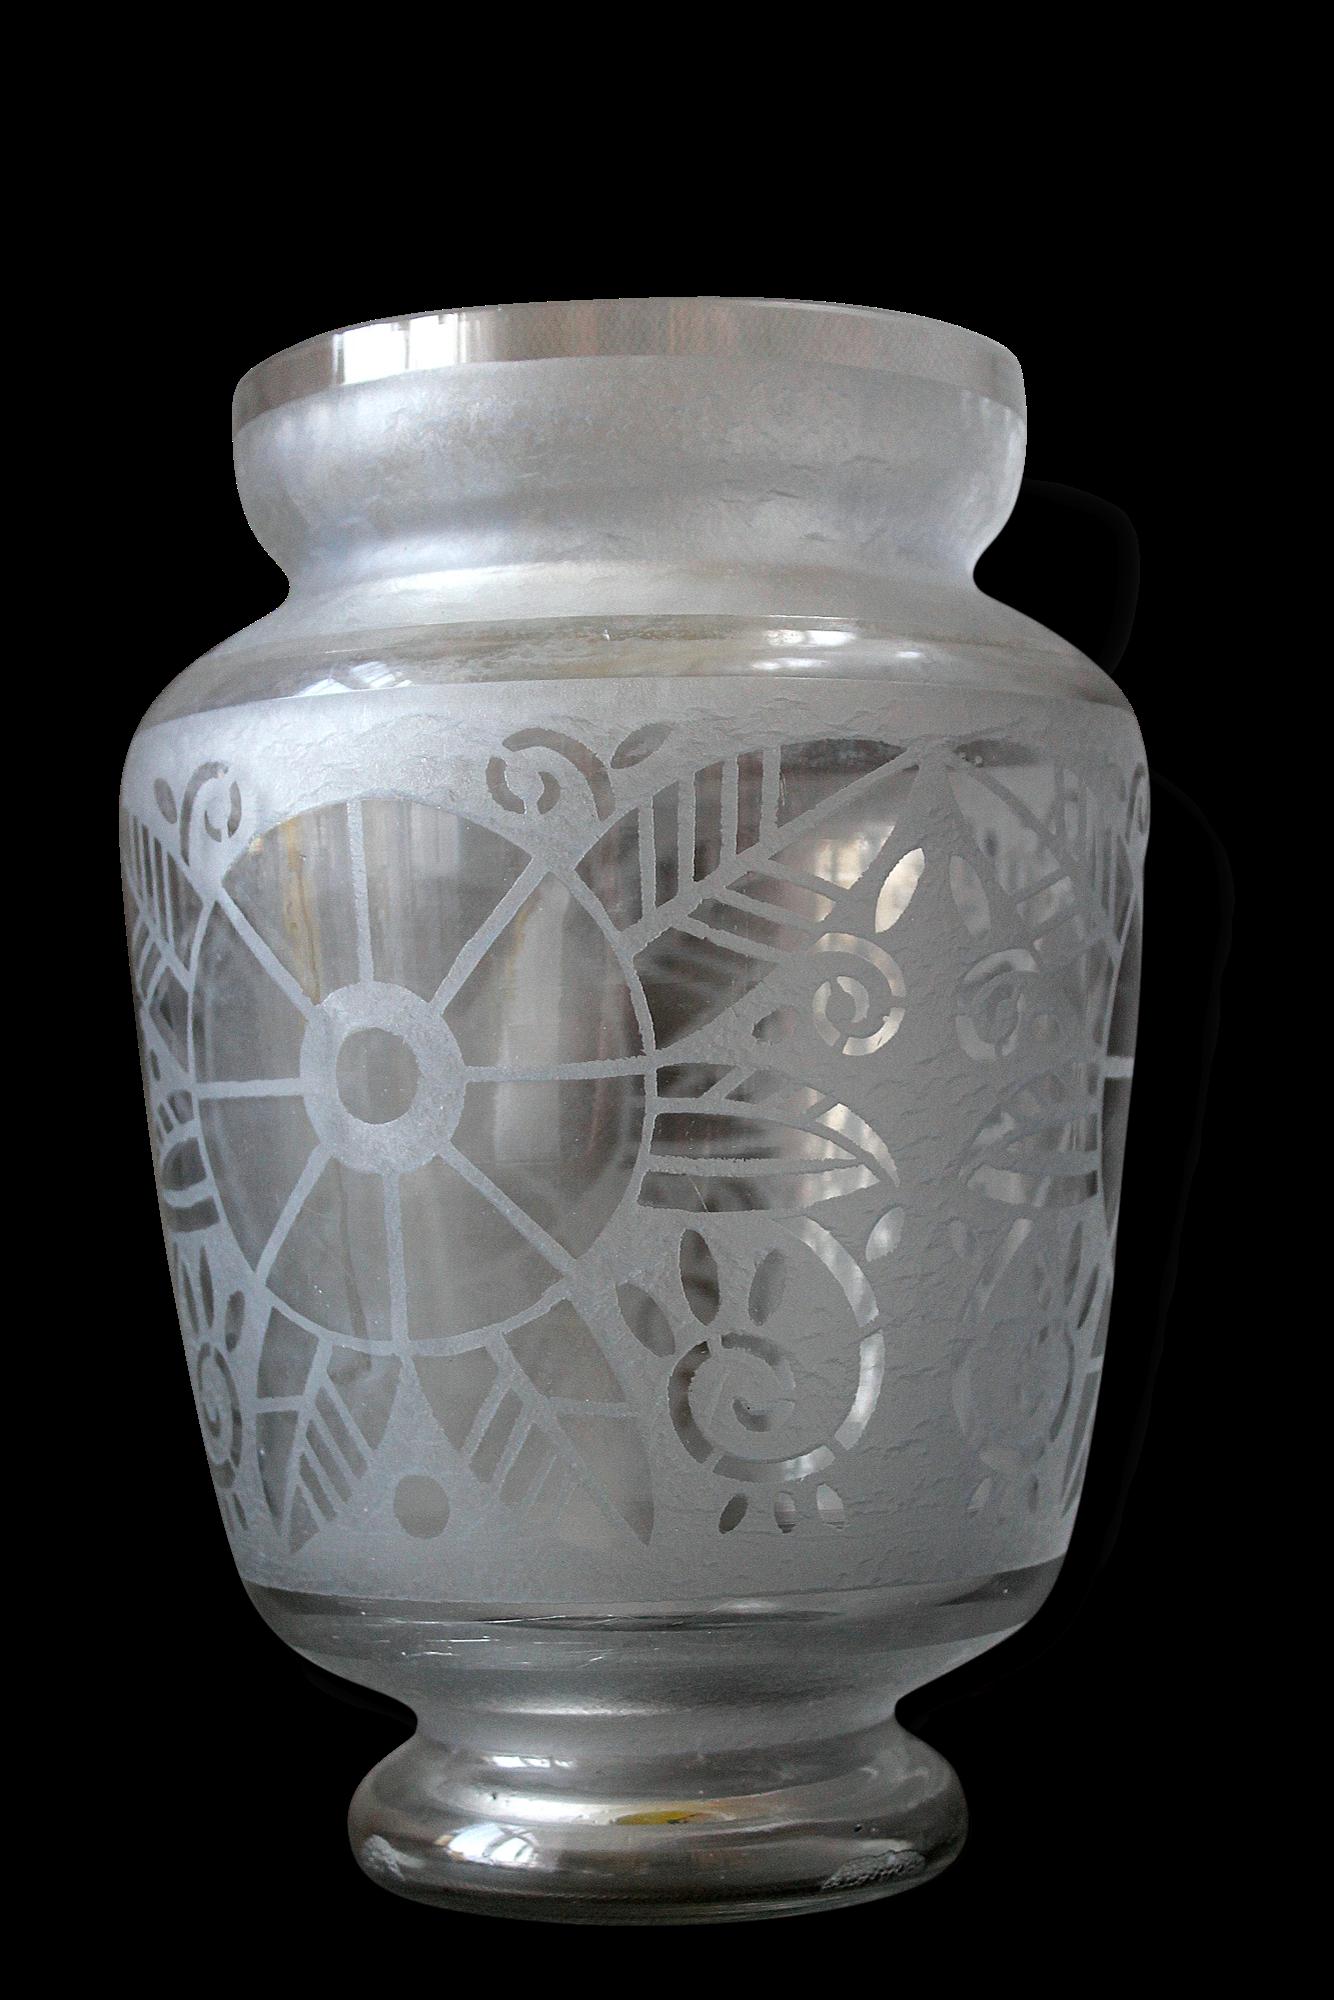 deco dans grand vase en verre amazing trs grand vase art. Black Bedroom Furniture Sets. Home Design Ideas